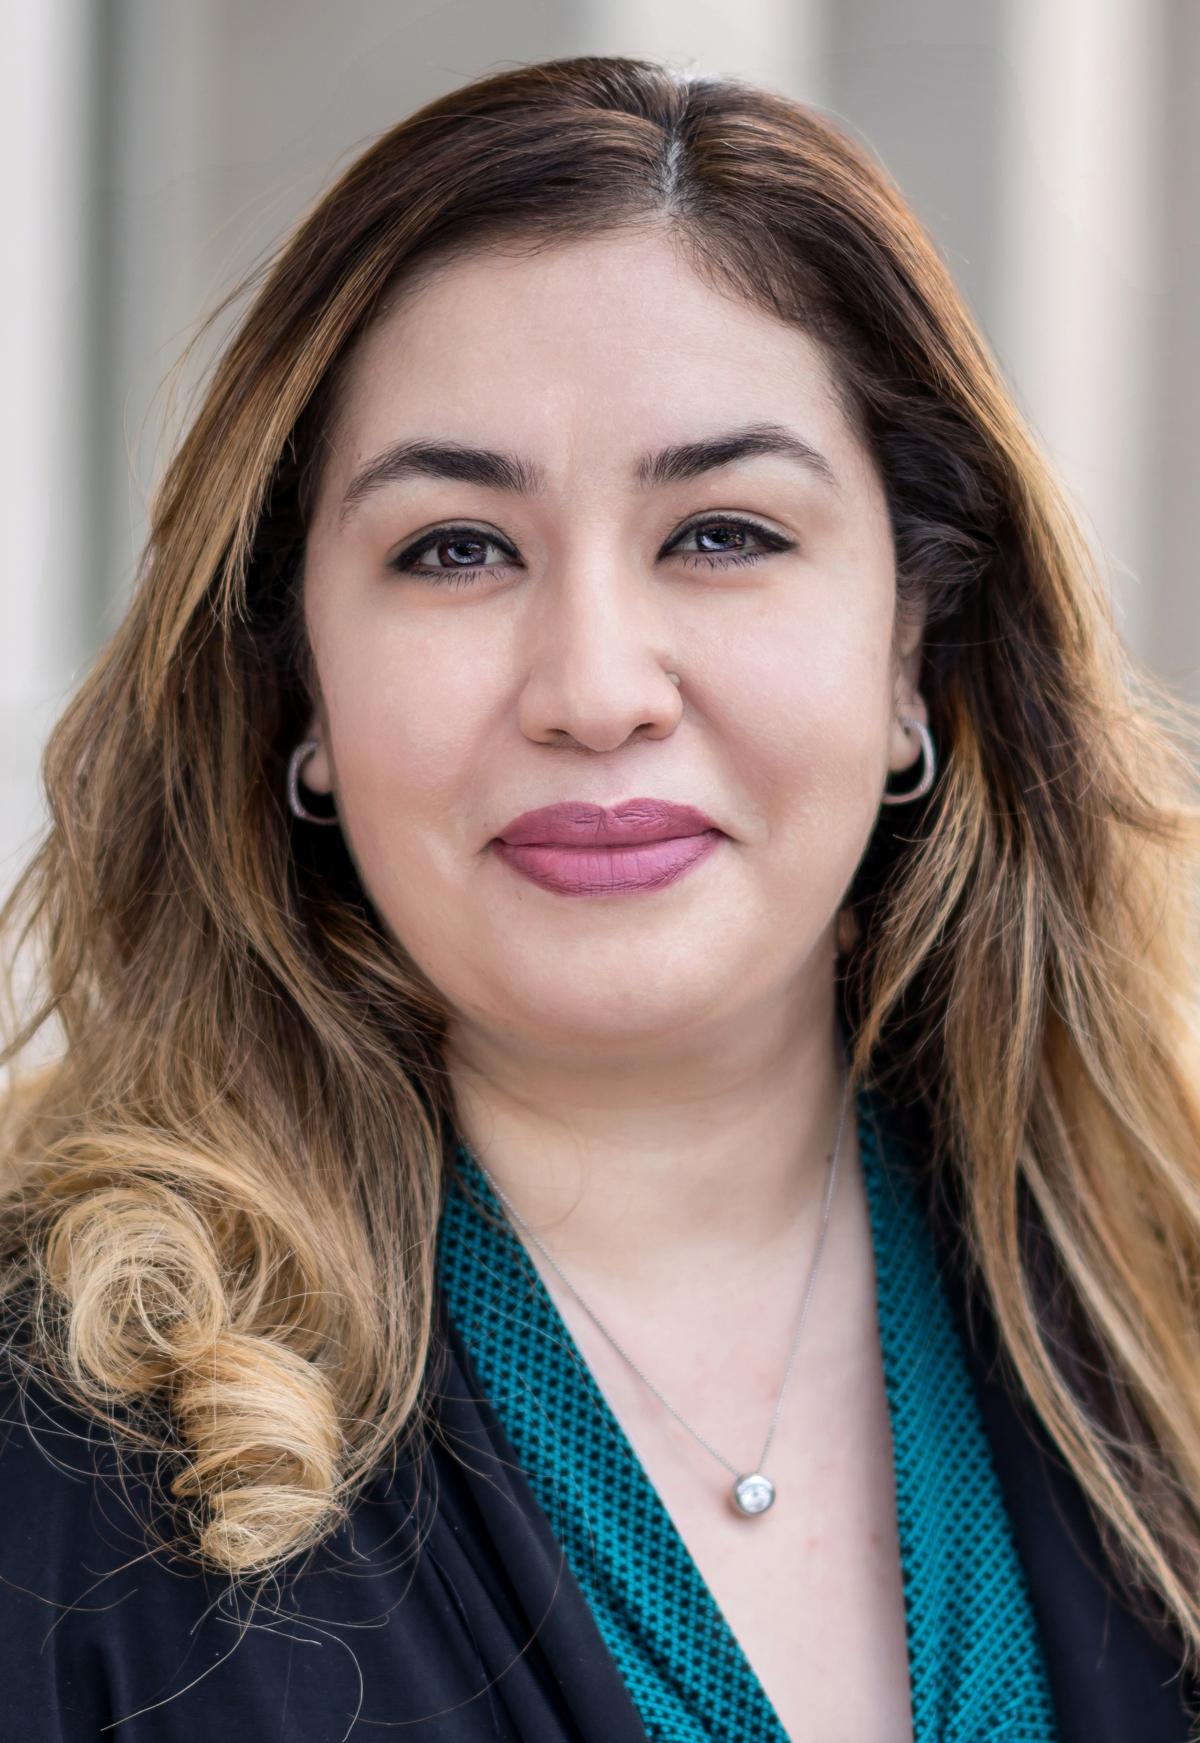 Mayra Bonales